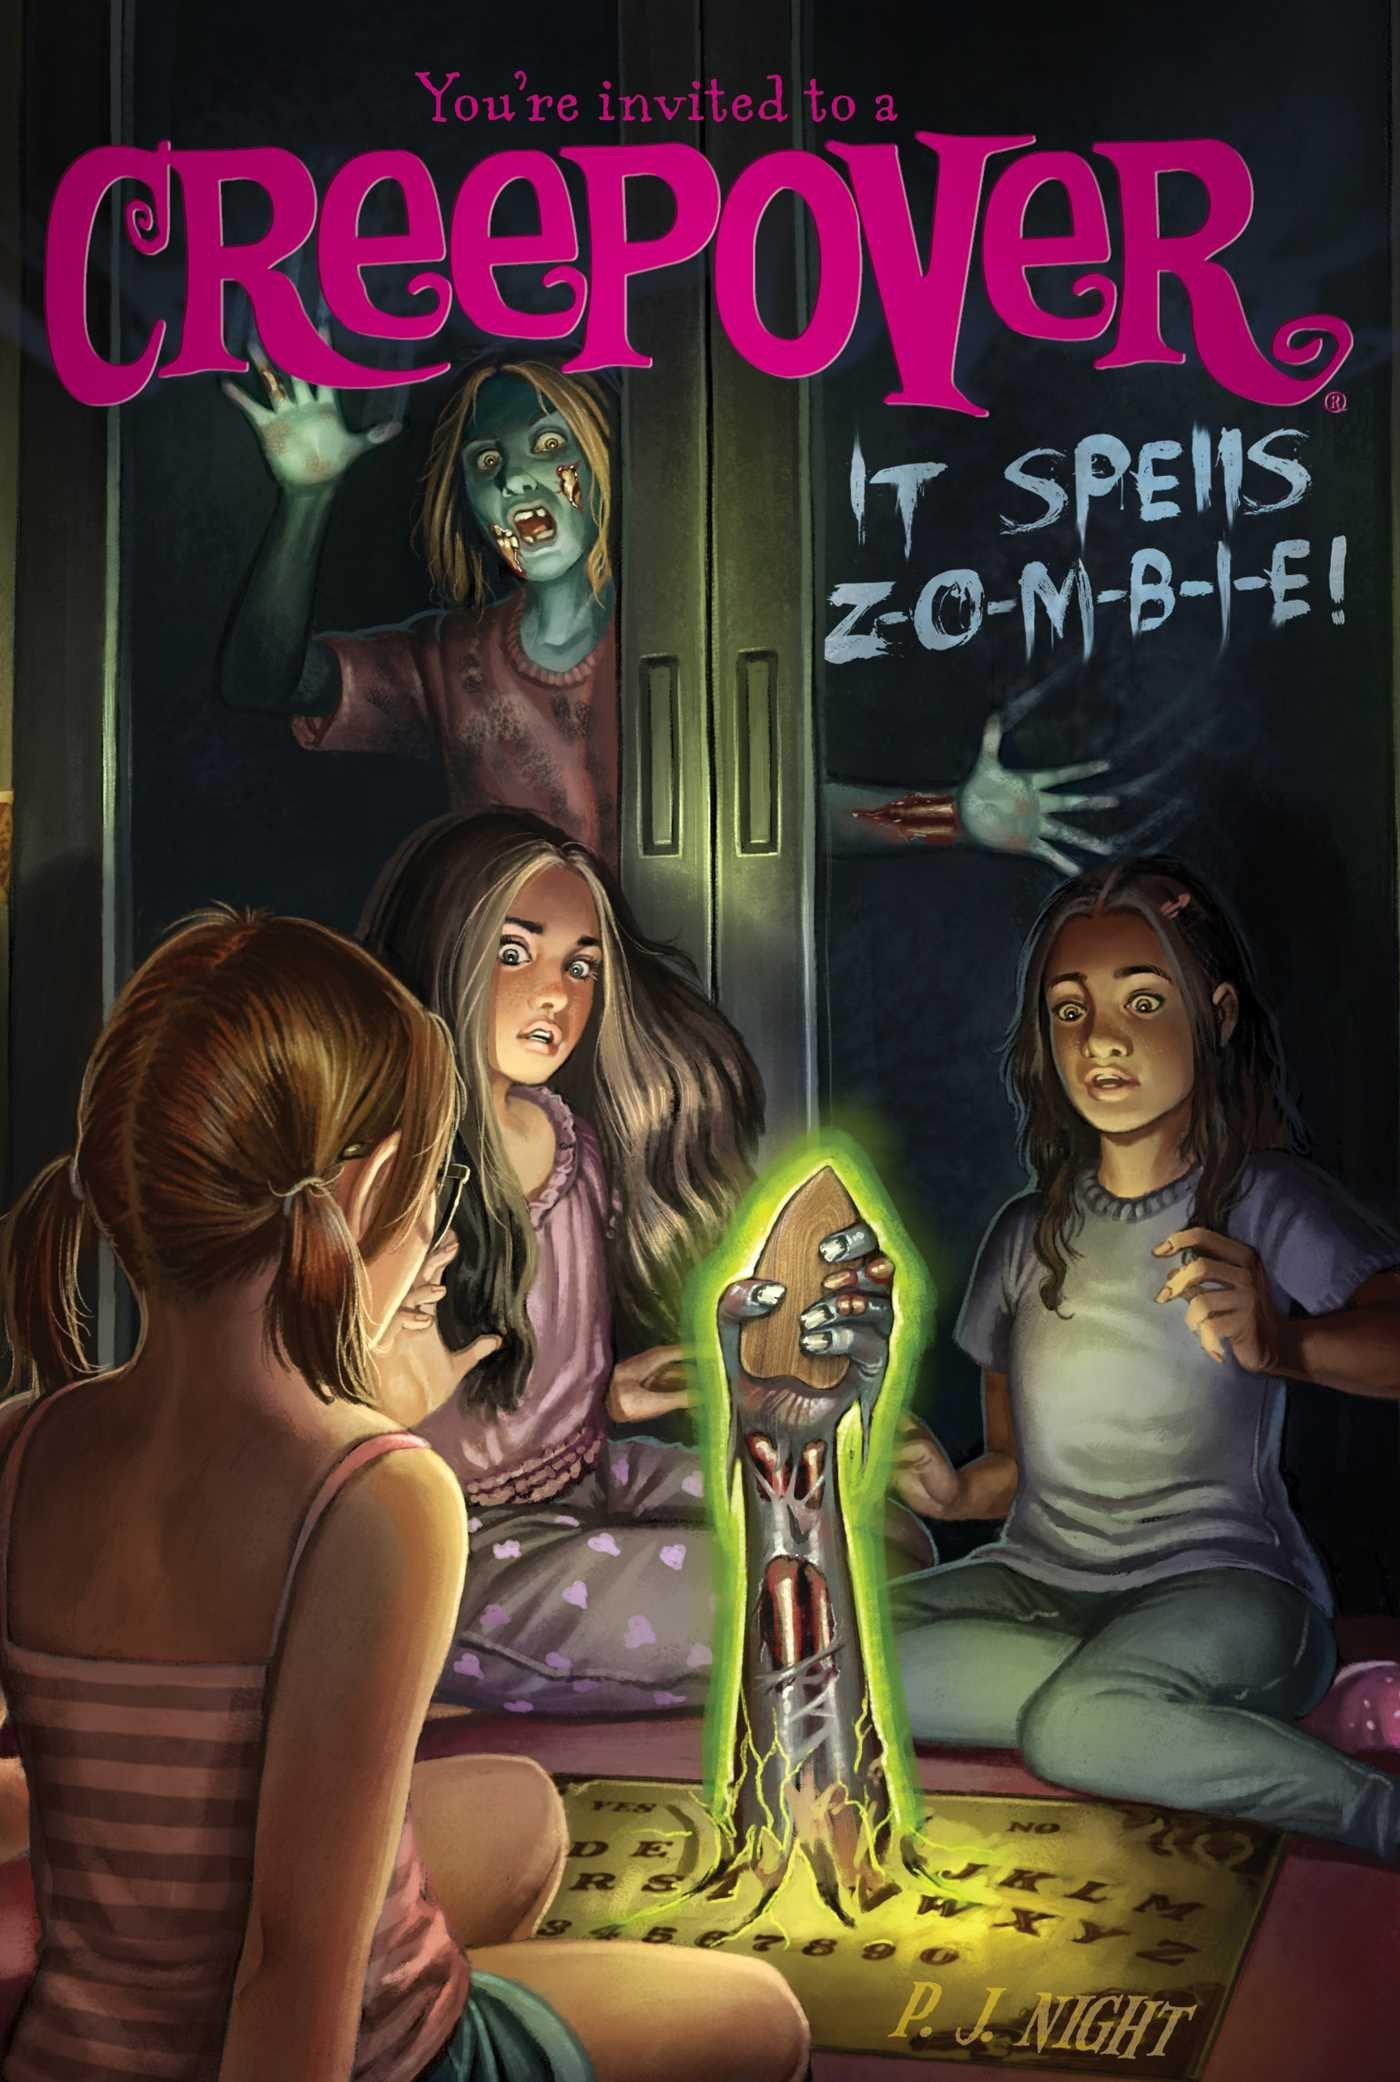 It Spells Z-O-M-B-I-E! (You're invited to a Creepover): P J  Night